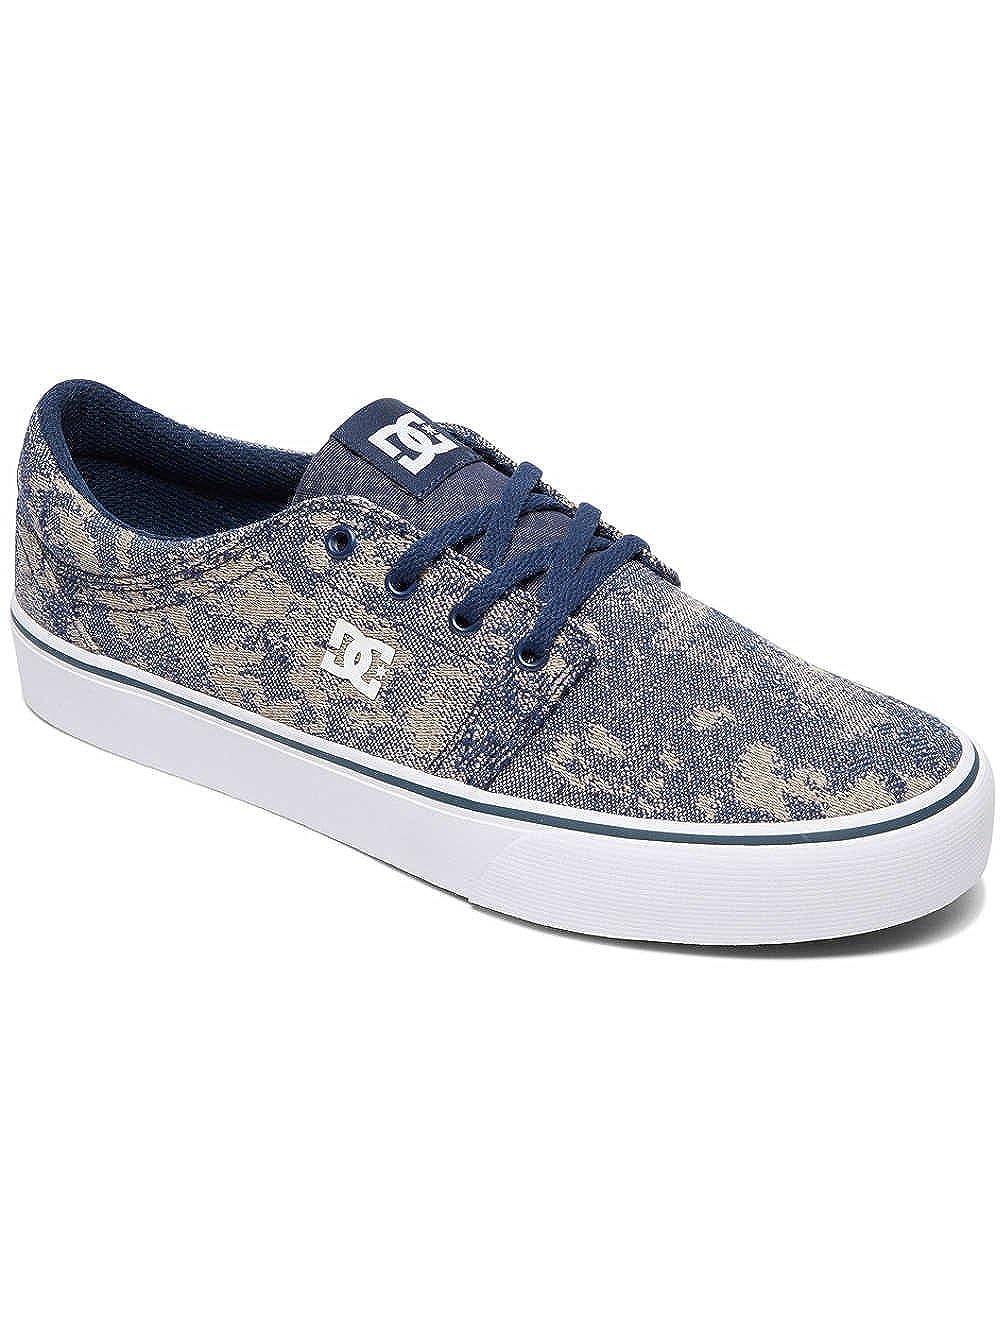 promo code 5c4ff 97198 DC scarpeTrase TX TX TX SE M scarpe - Scarpe da Ginnastica Basse Uomo  B07DHTG9BM 10.5 UK Navy blu bianca   Qualità   prendere in considerazione  ...